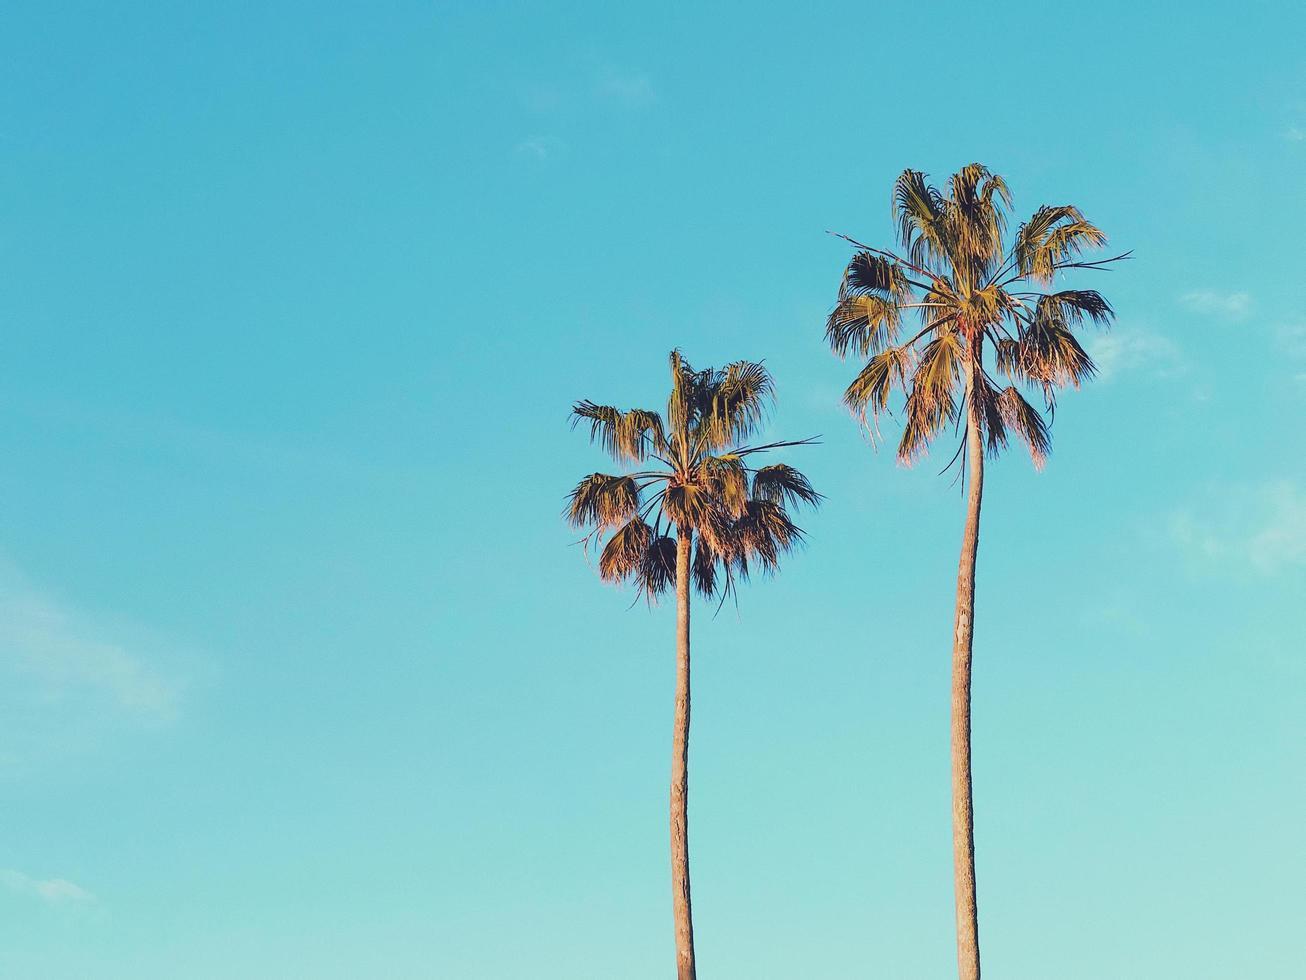 dos palmeras marrones foto